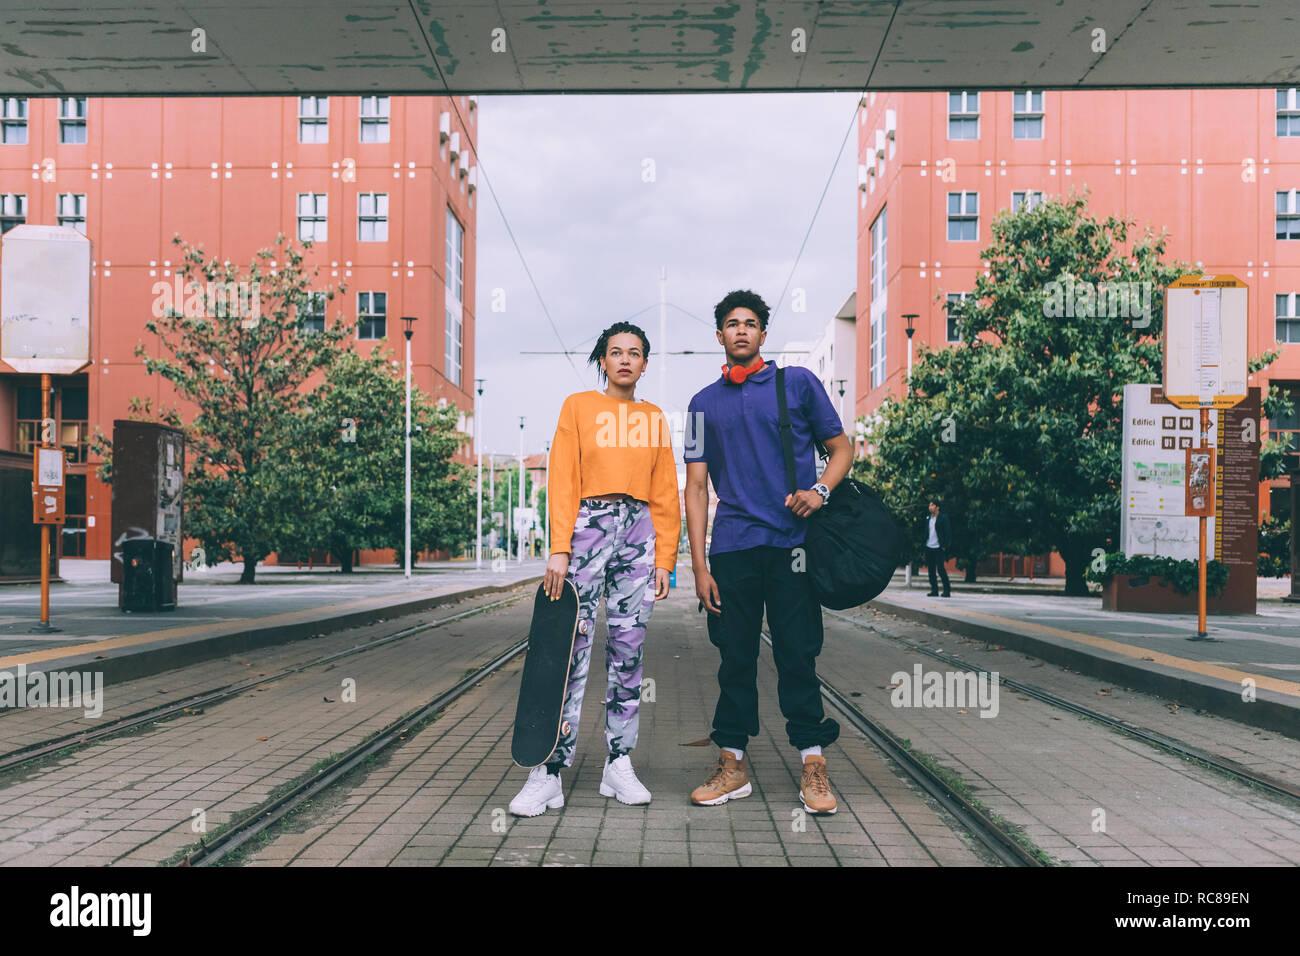 Frère et sœur debout sur voies de tram, Milan, Italie Banque D'Images